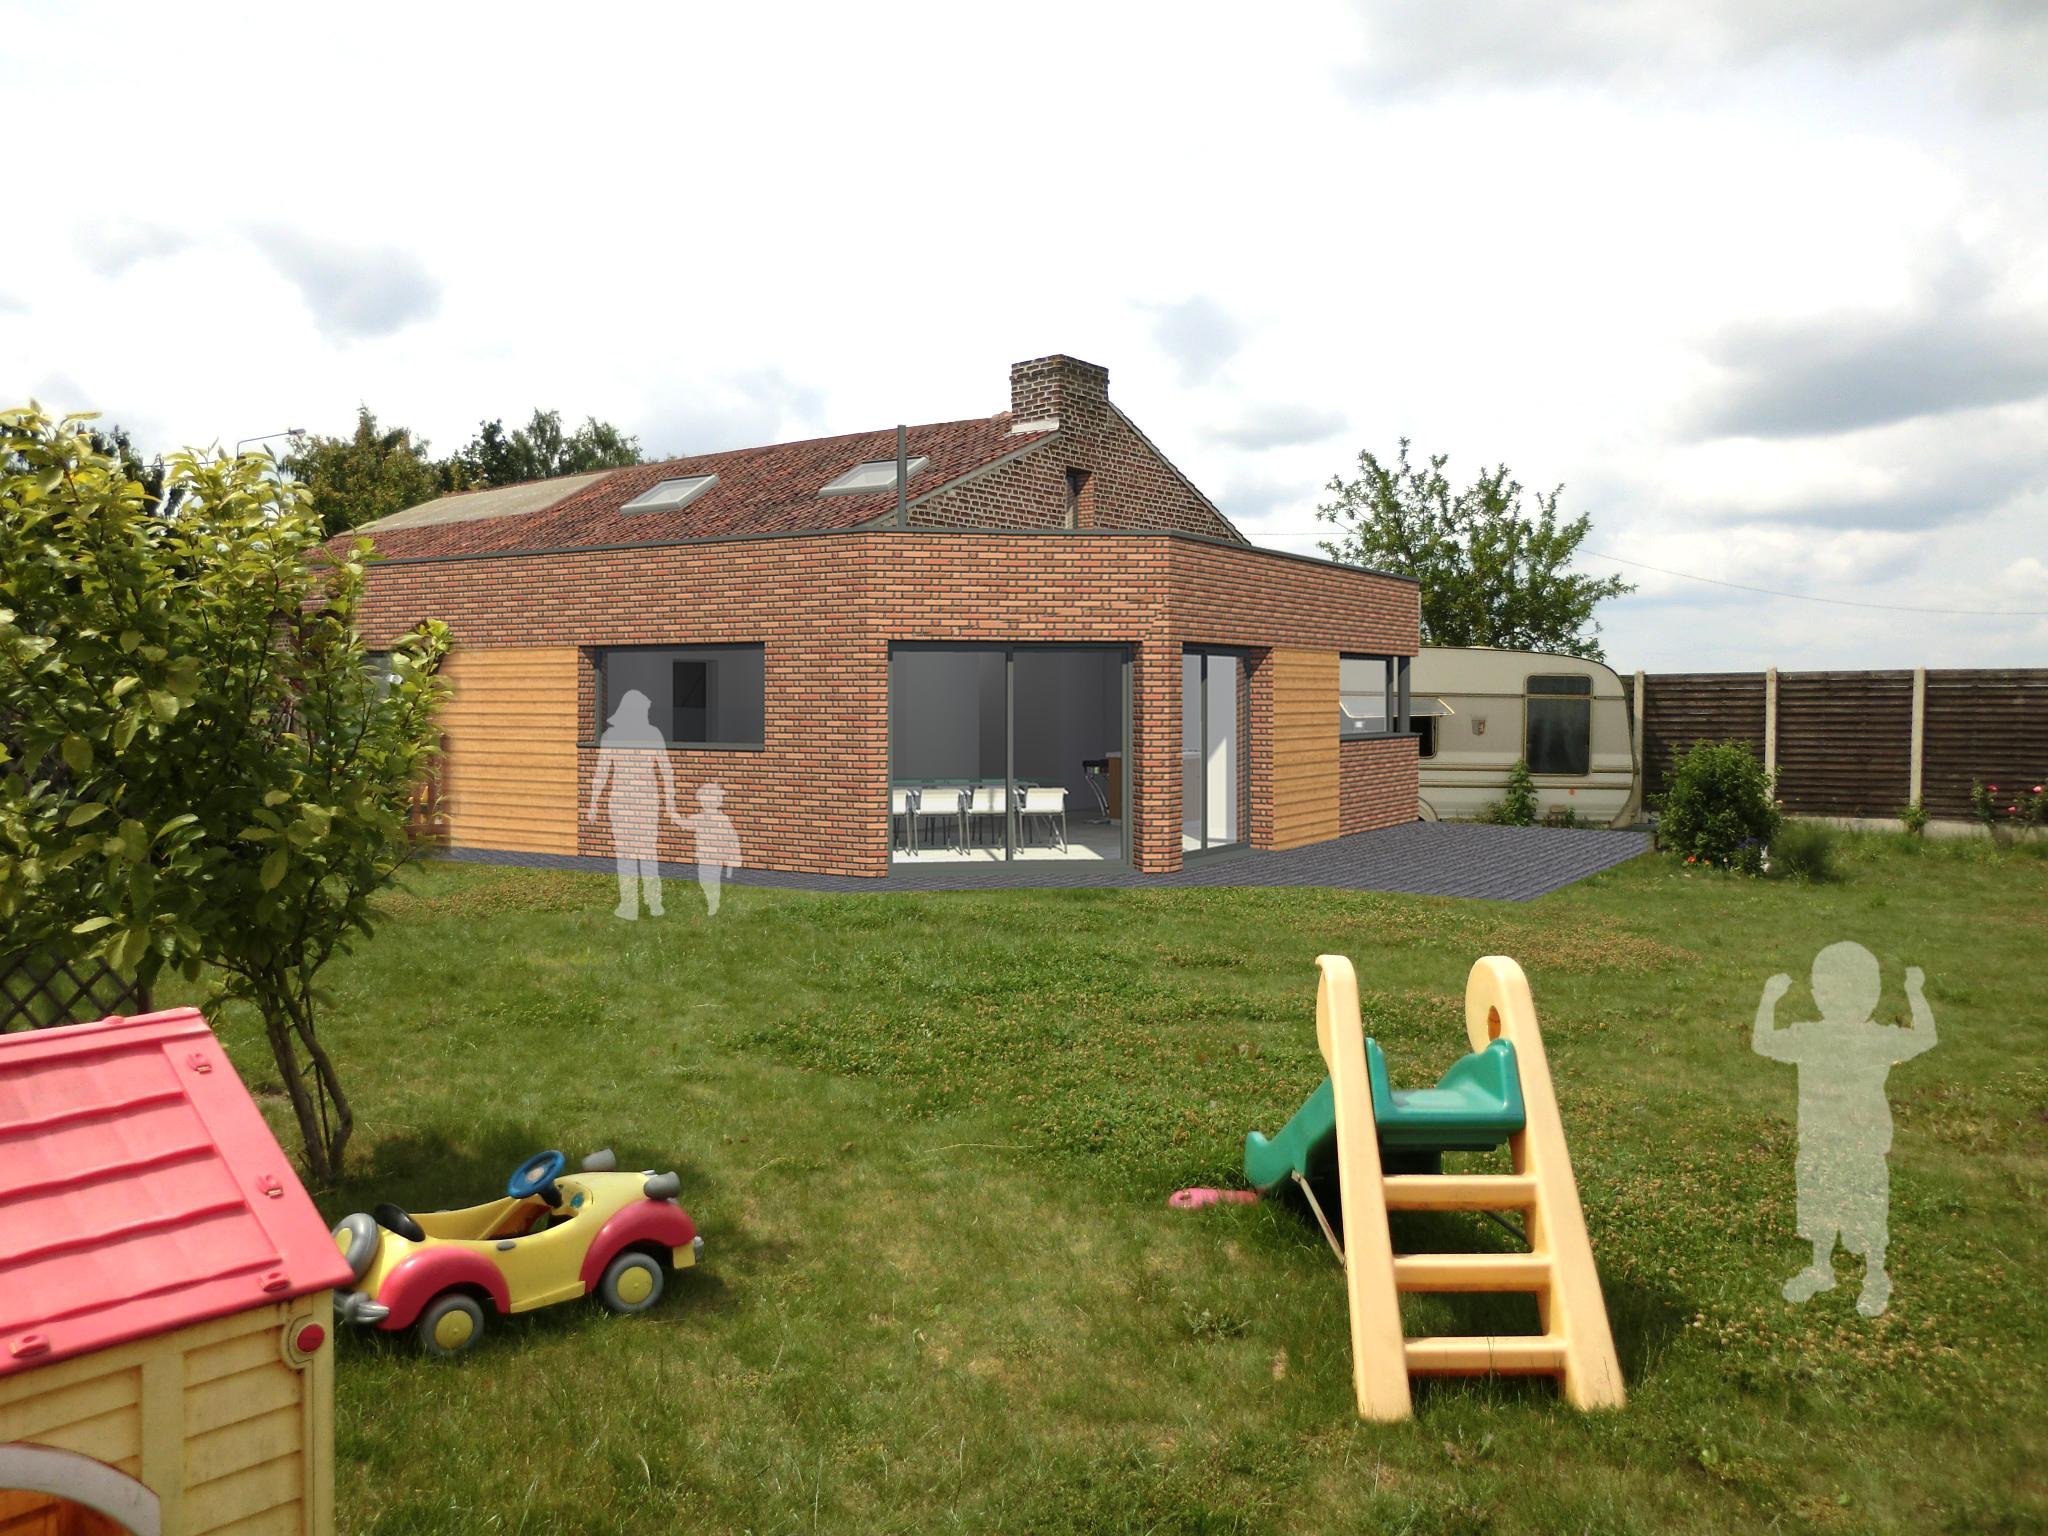 15.11 Atelier Permis de construire extension nord Comines12